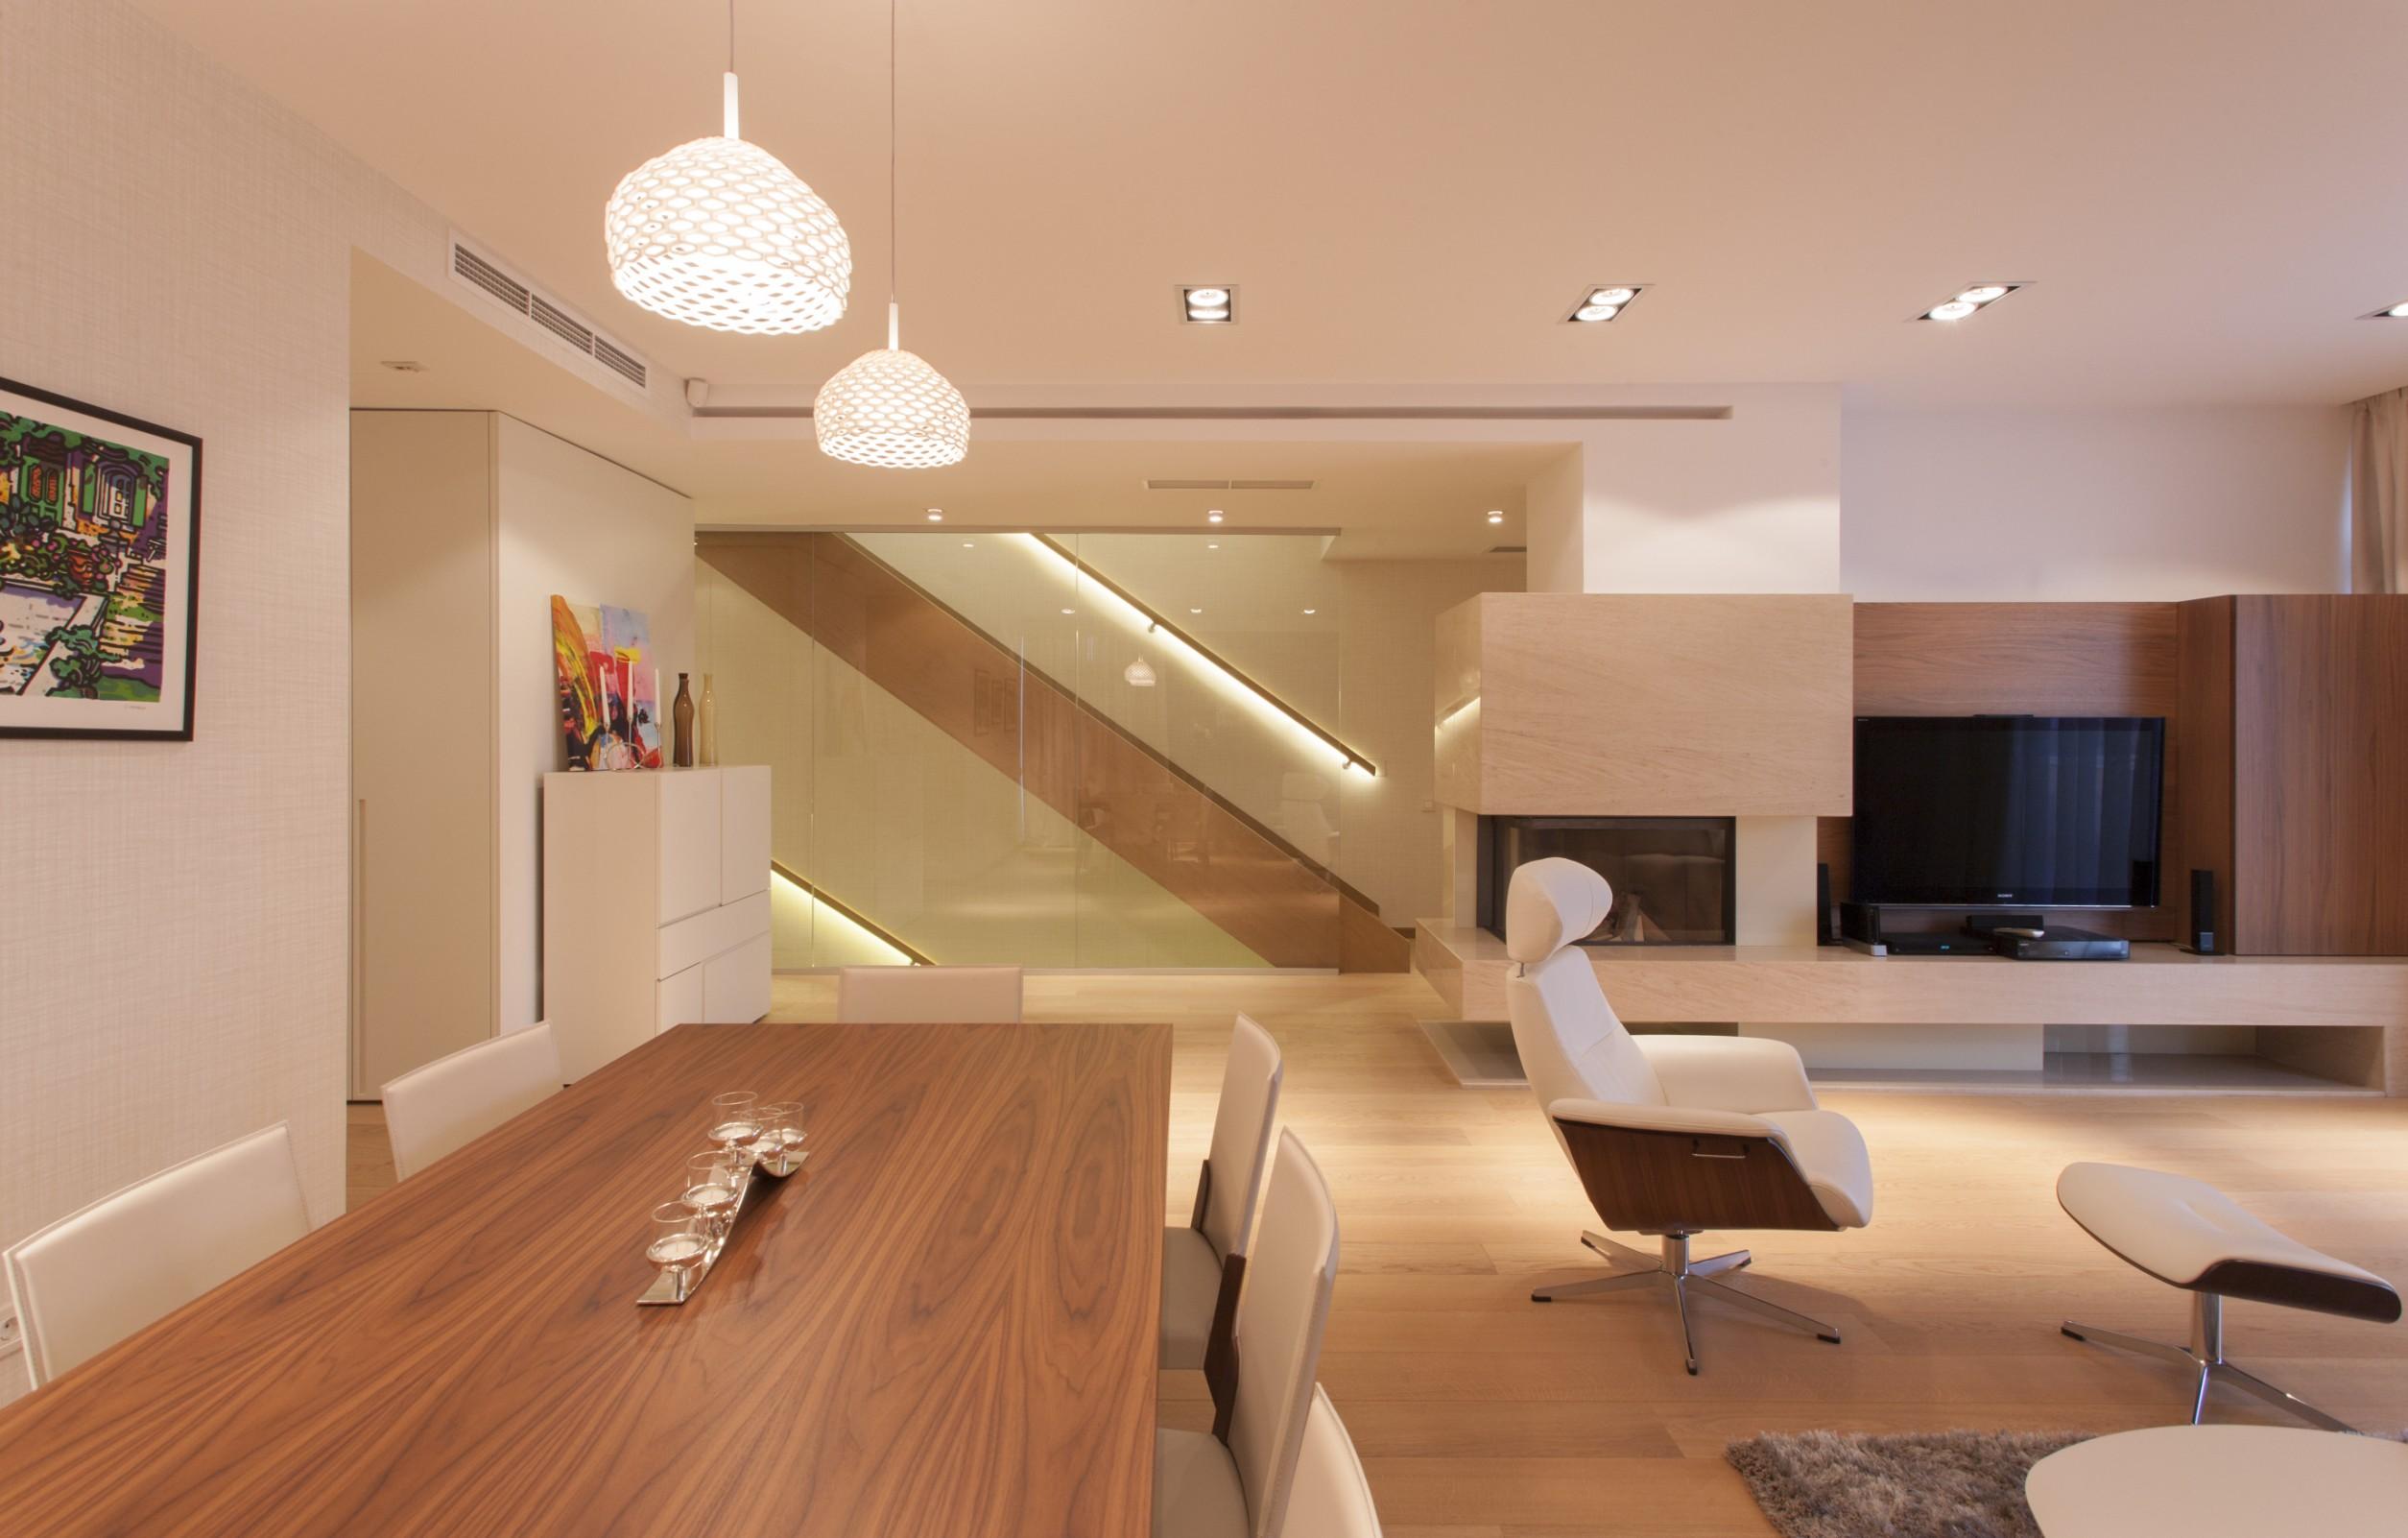 https://nbc-arhitect.ro/wp-content/uploads/2020/10/NBC-Arhitect-_-Petofi-Sandor-_-Housing-_-interior-design_16.jpg